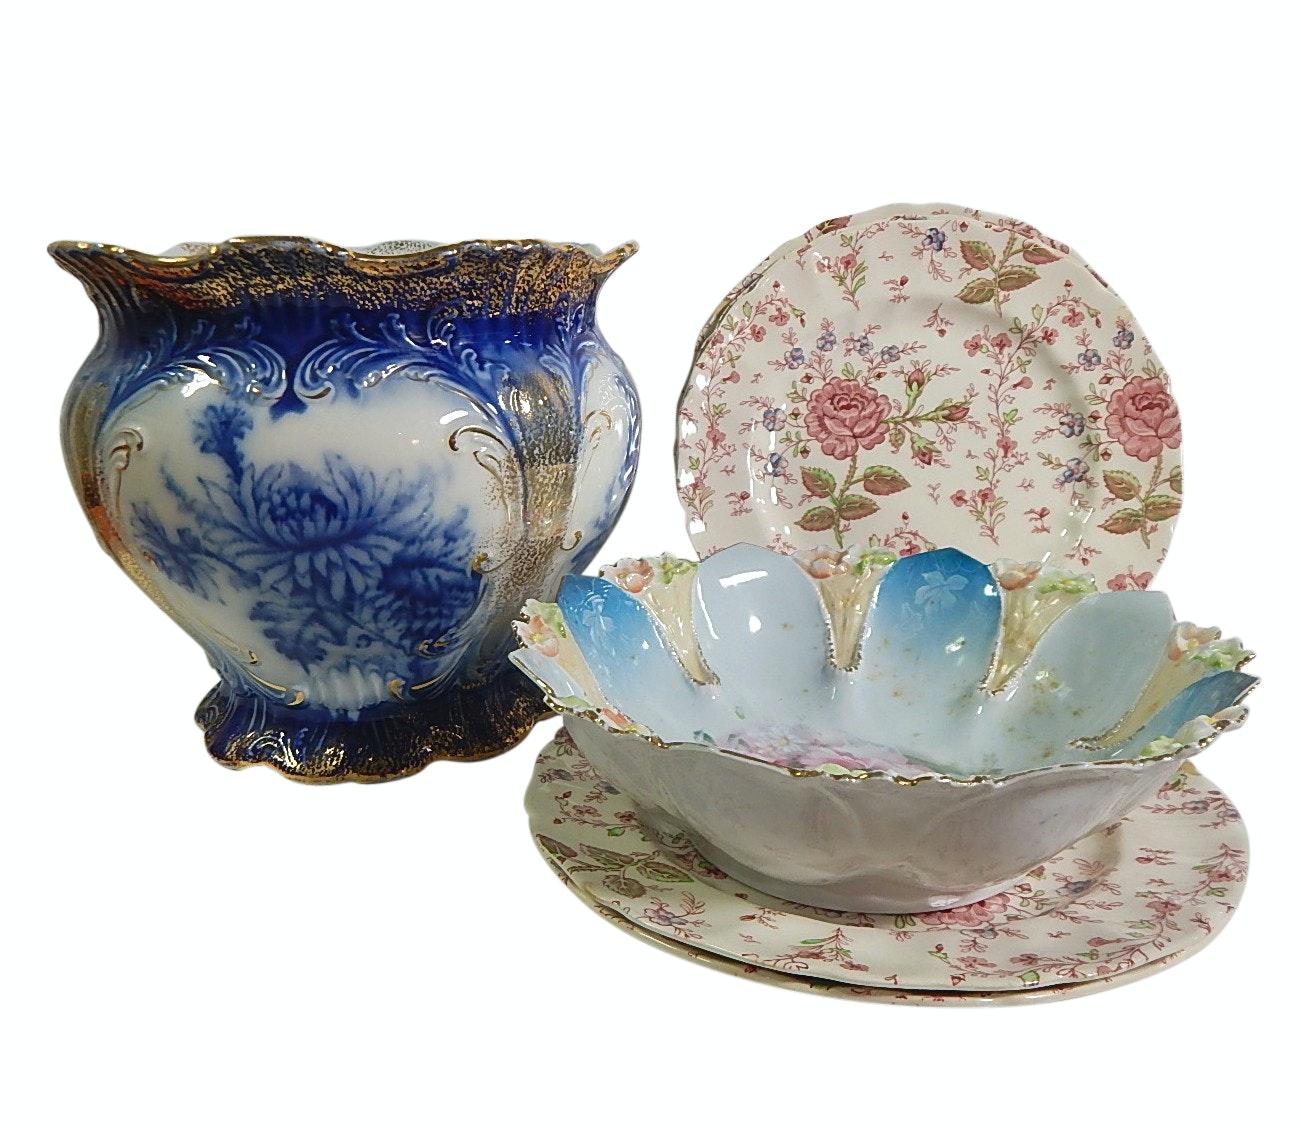 Antique Flow Blue Jardiniere, Rose Chintz Plates, R.S. Prussia Bowl